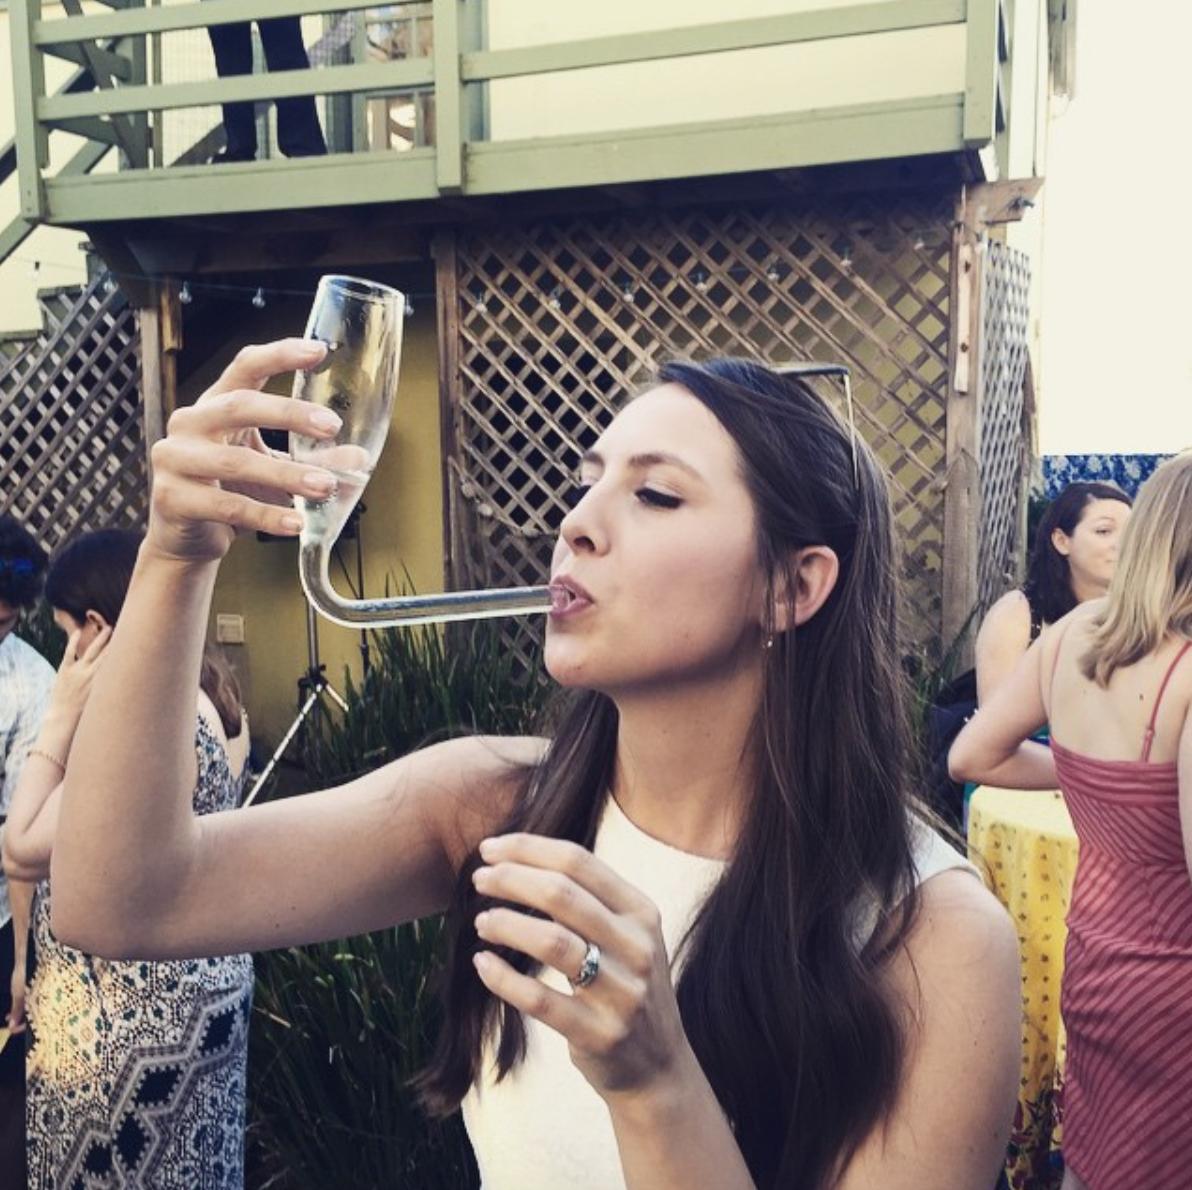 The Champagne Bong, où comment boire le champagne différemment..